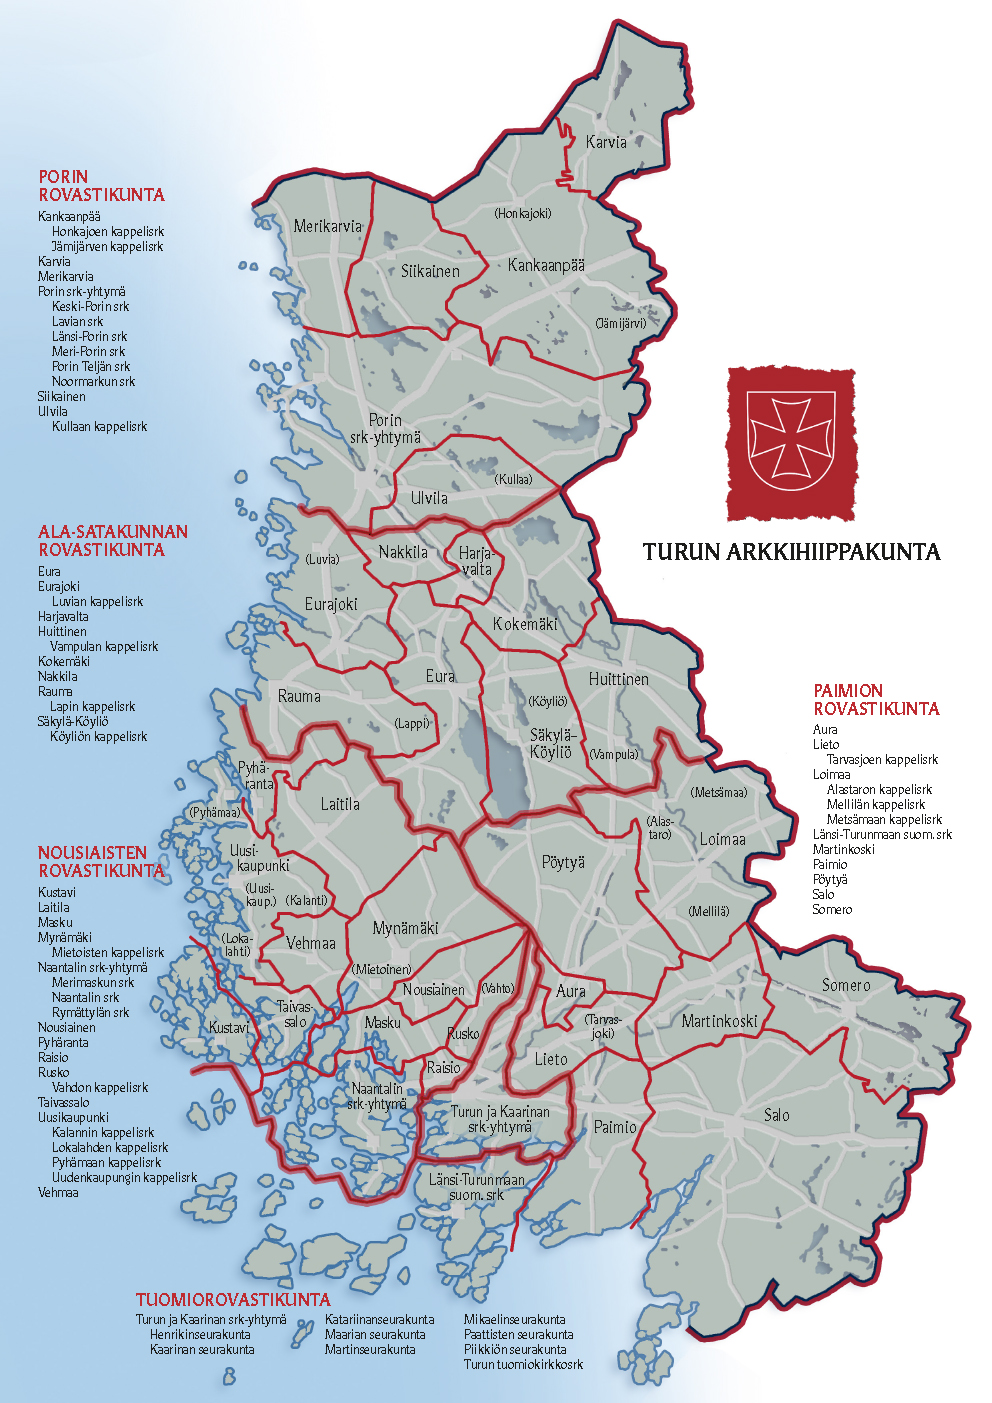 Arkkihiippakunnan kartta 1.1.2020 alkaen